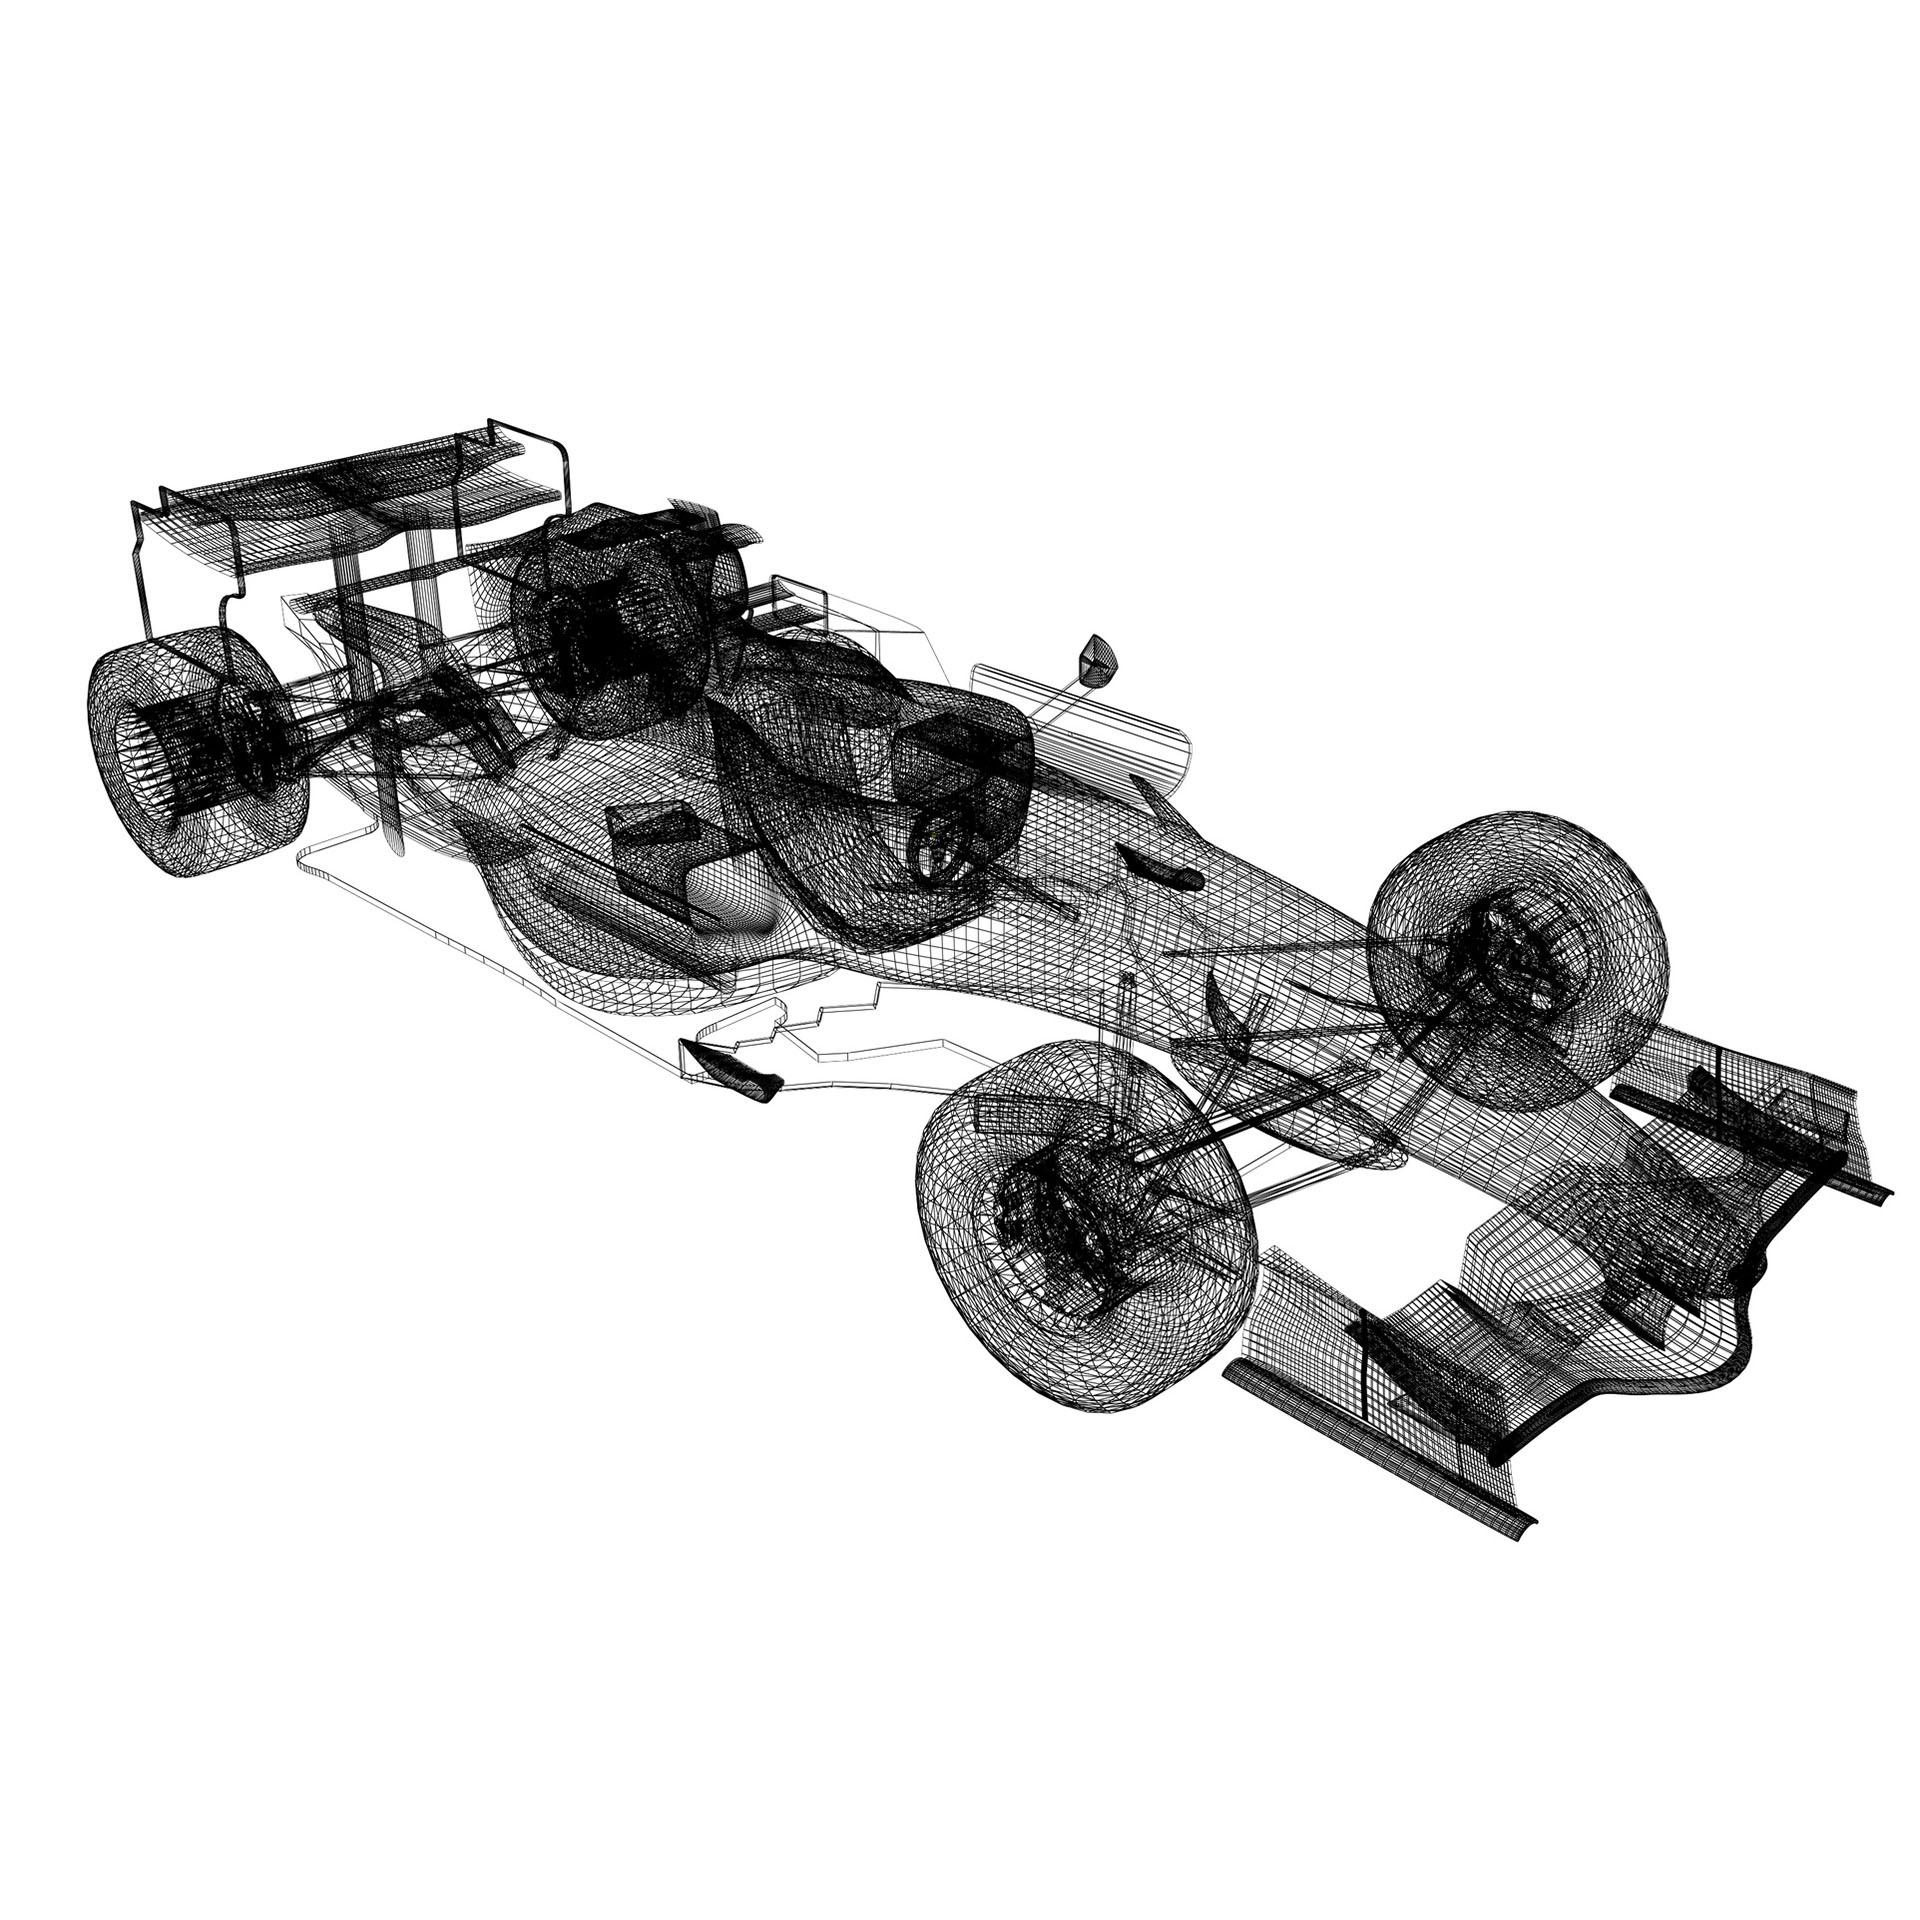 F1 Formula 1 car mechinno